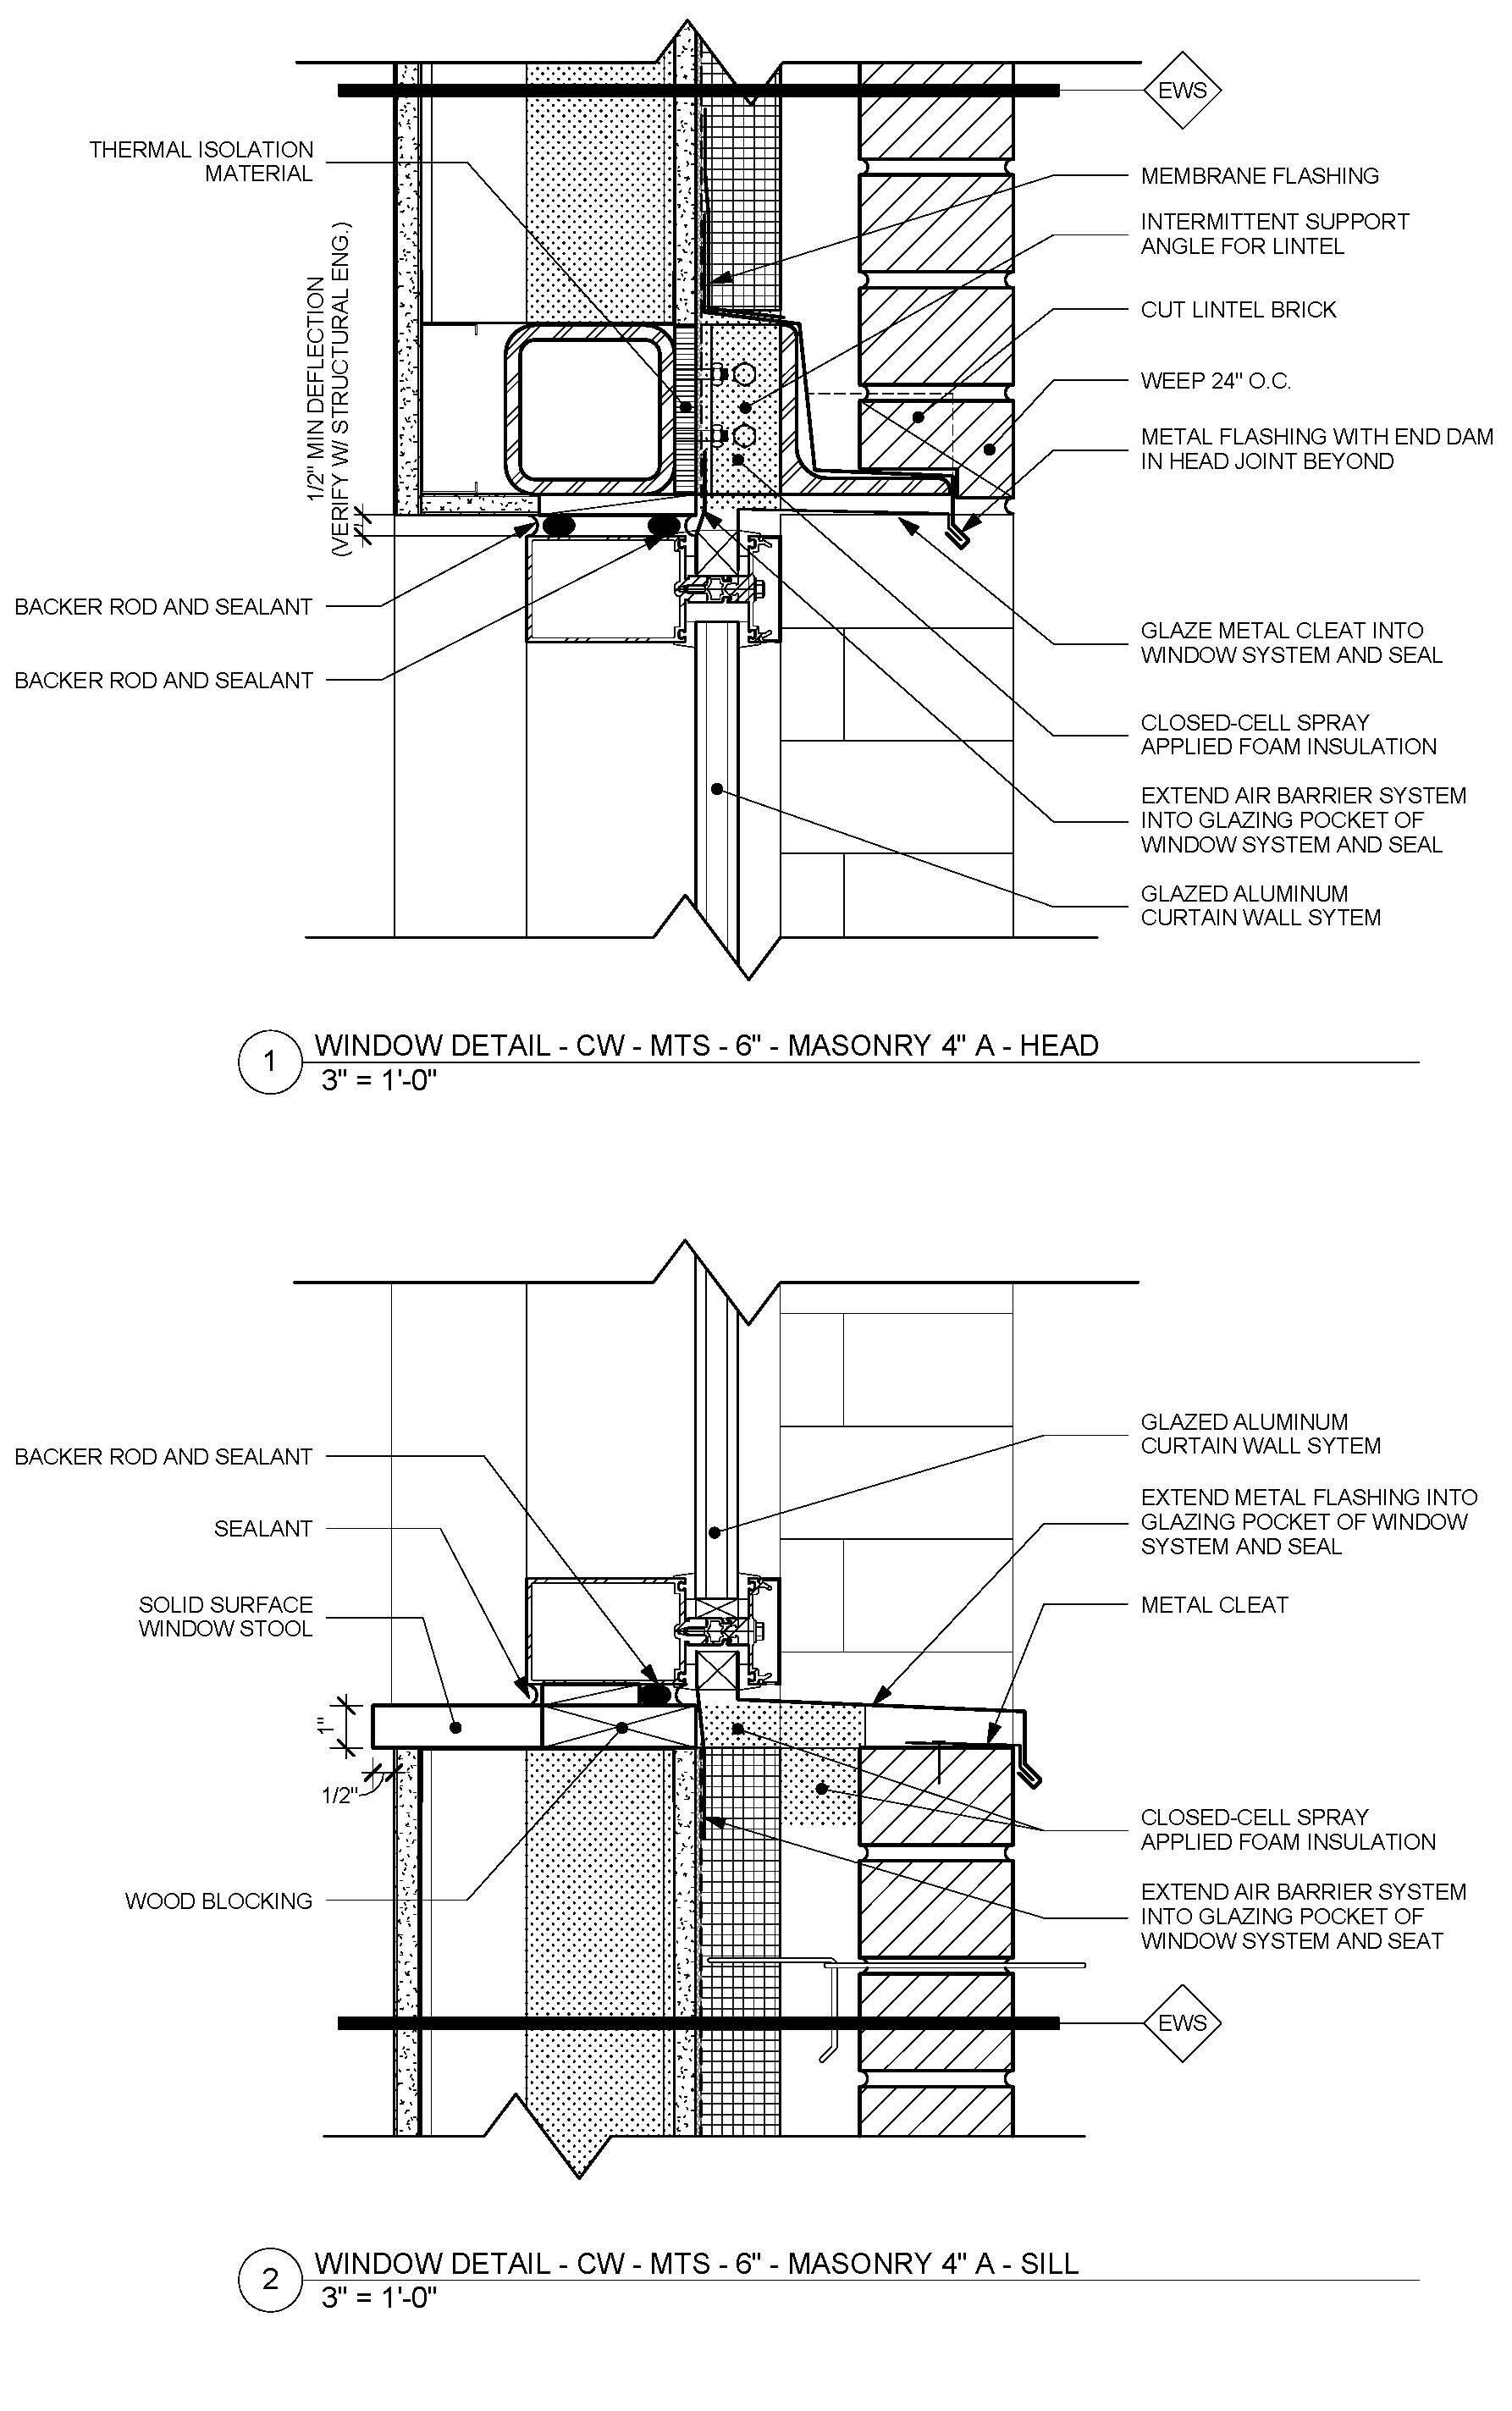 Standard Detail Of Metal Framed Masonry Veneer Wall With